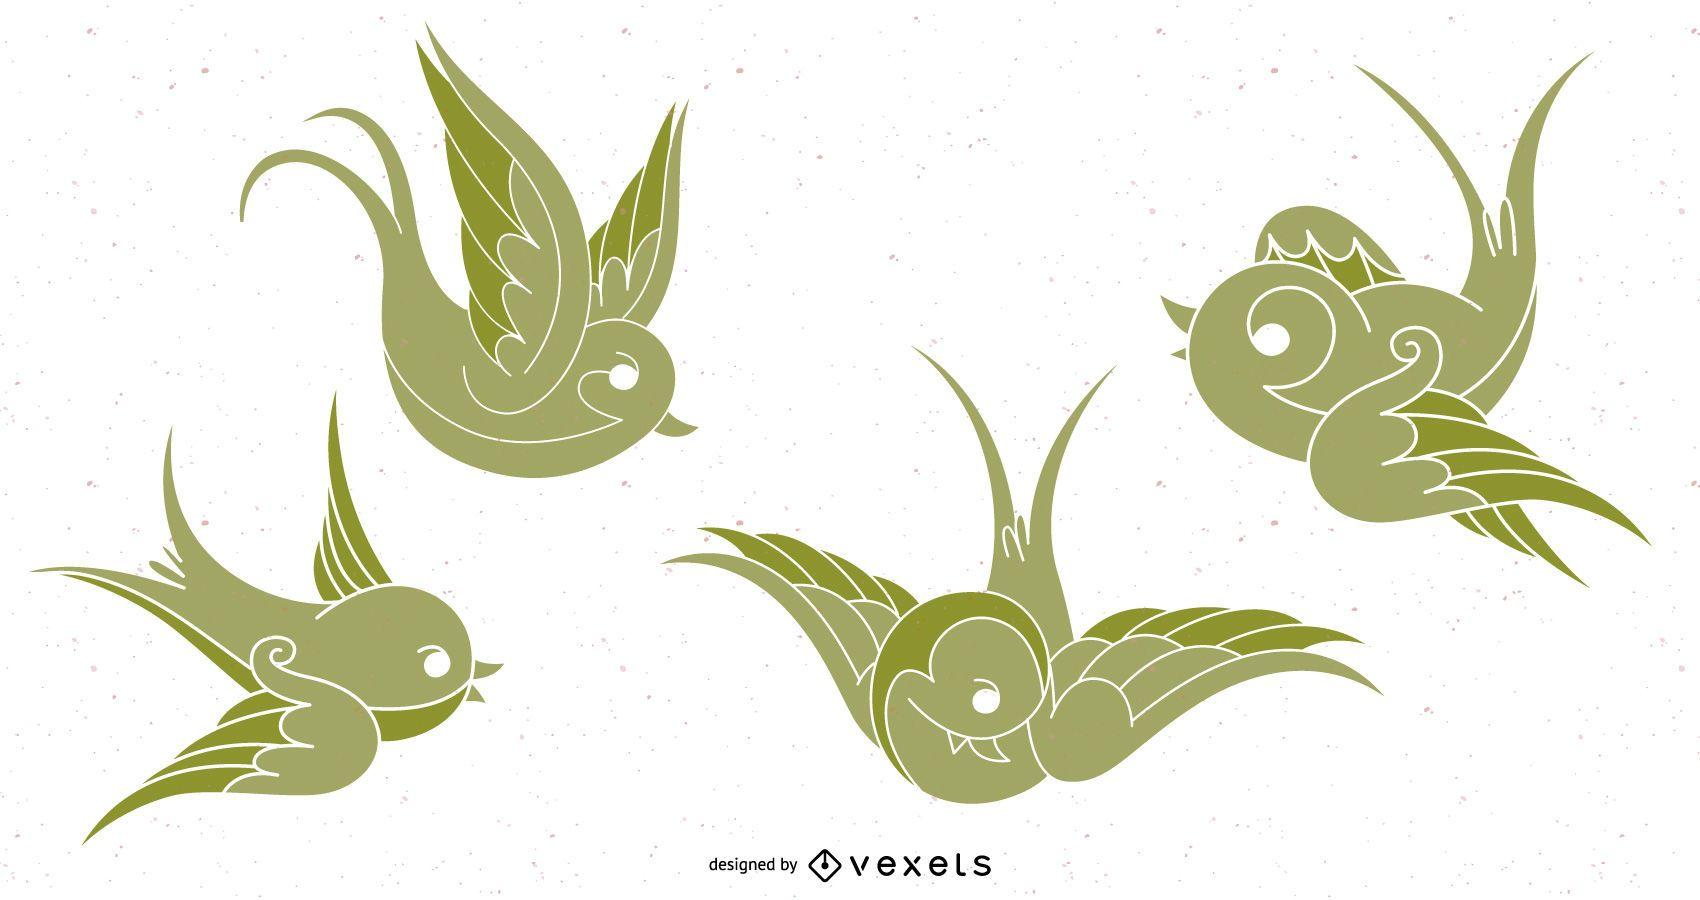 VECTOR BIRDS - SPARROWS